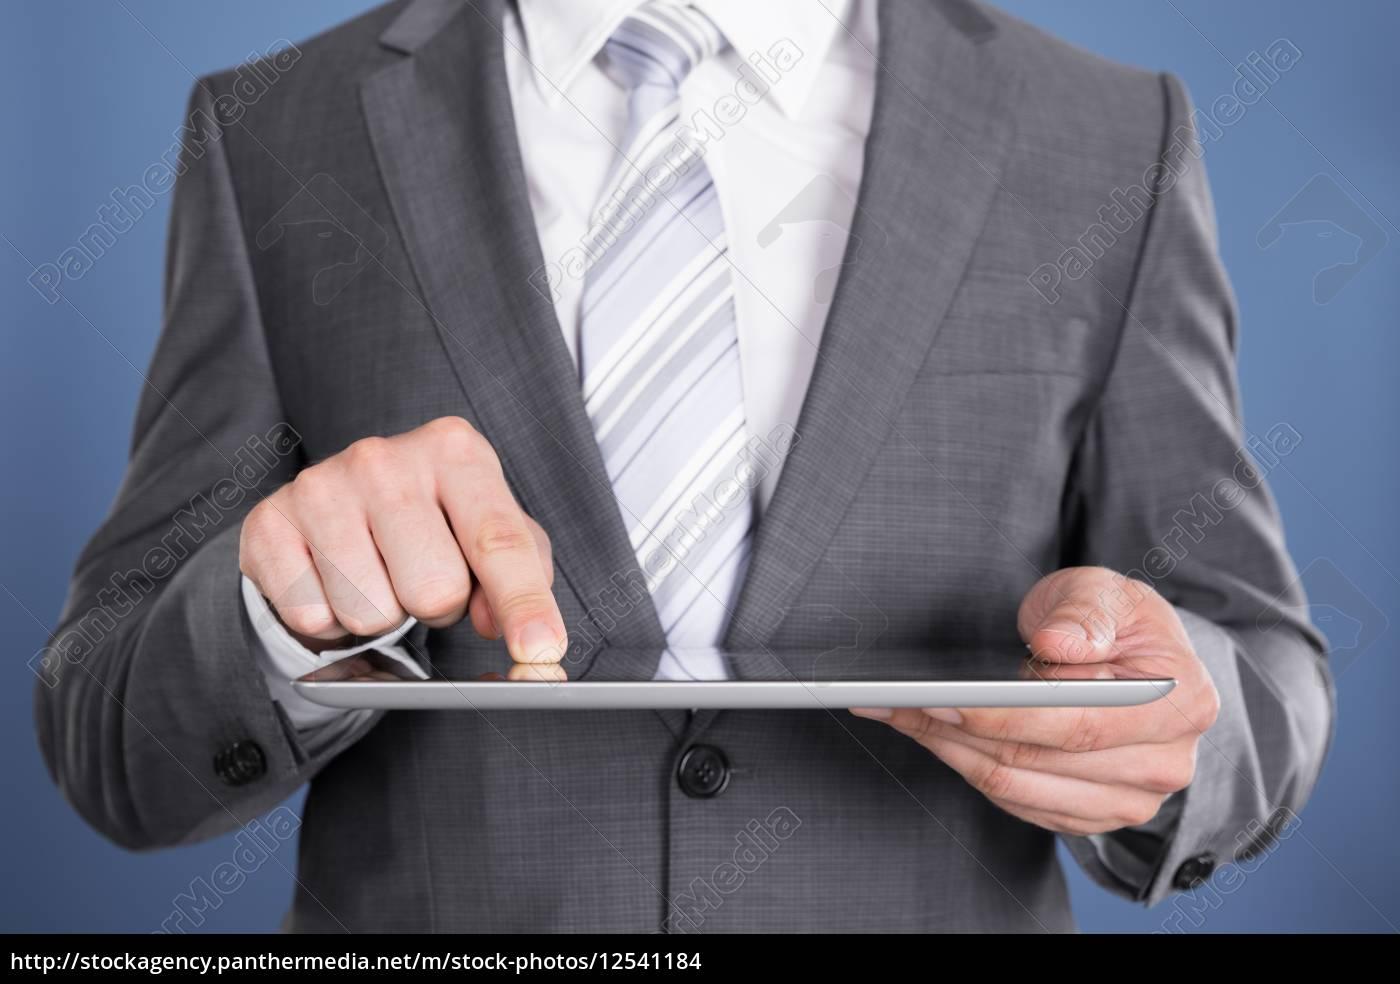 apuntando, a, mano, en, la, pantalla - 12541184